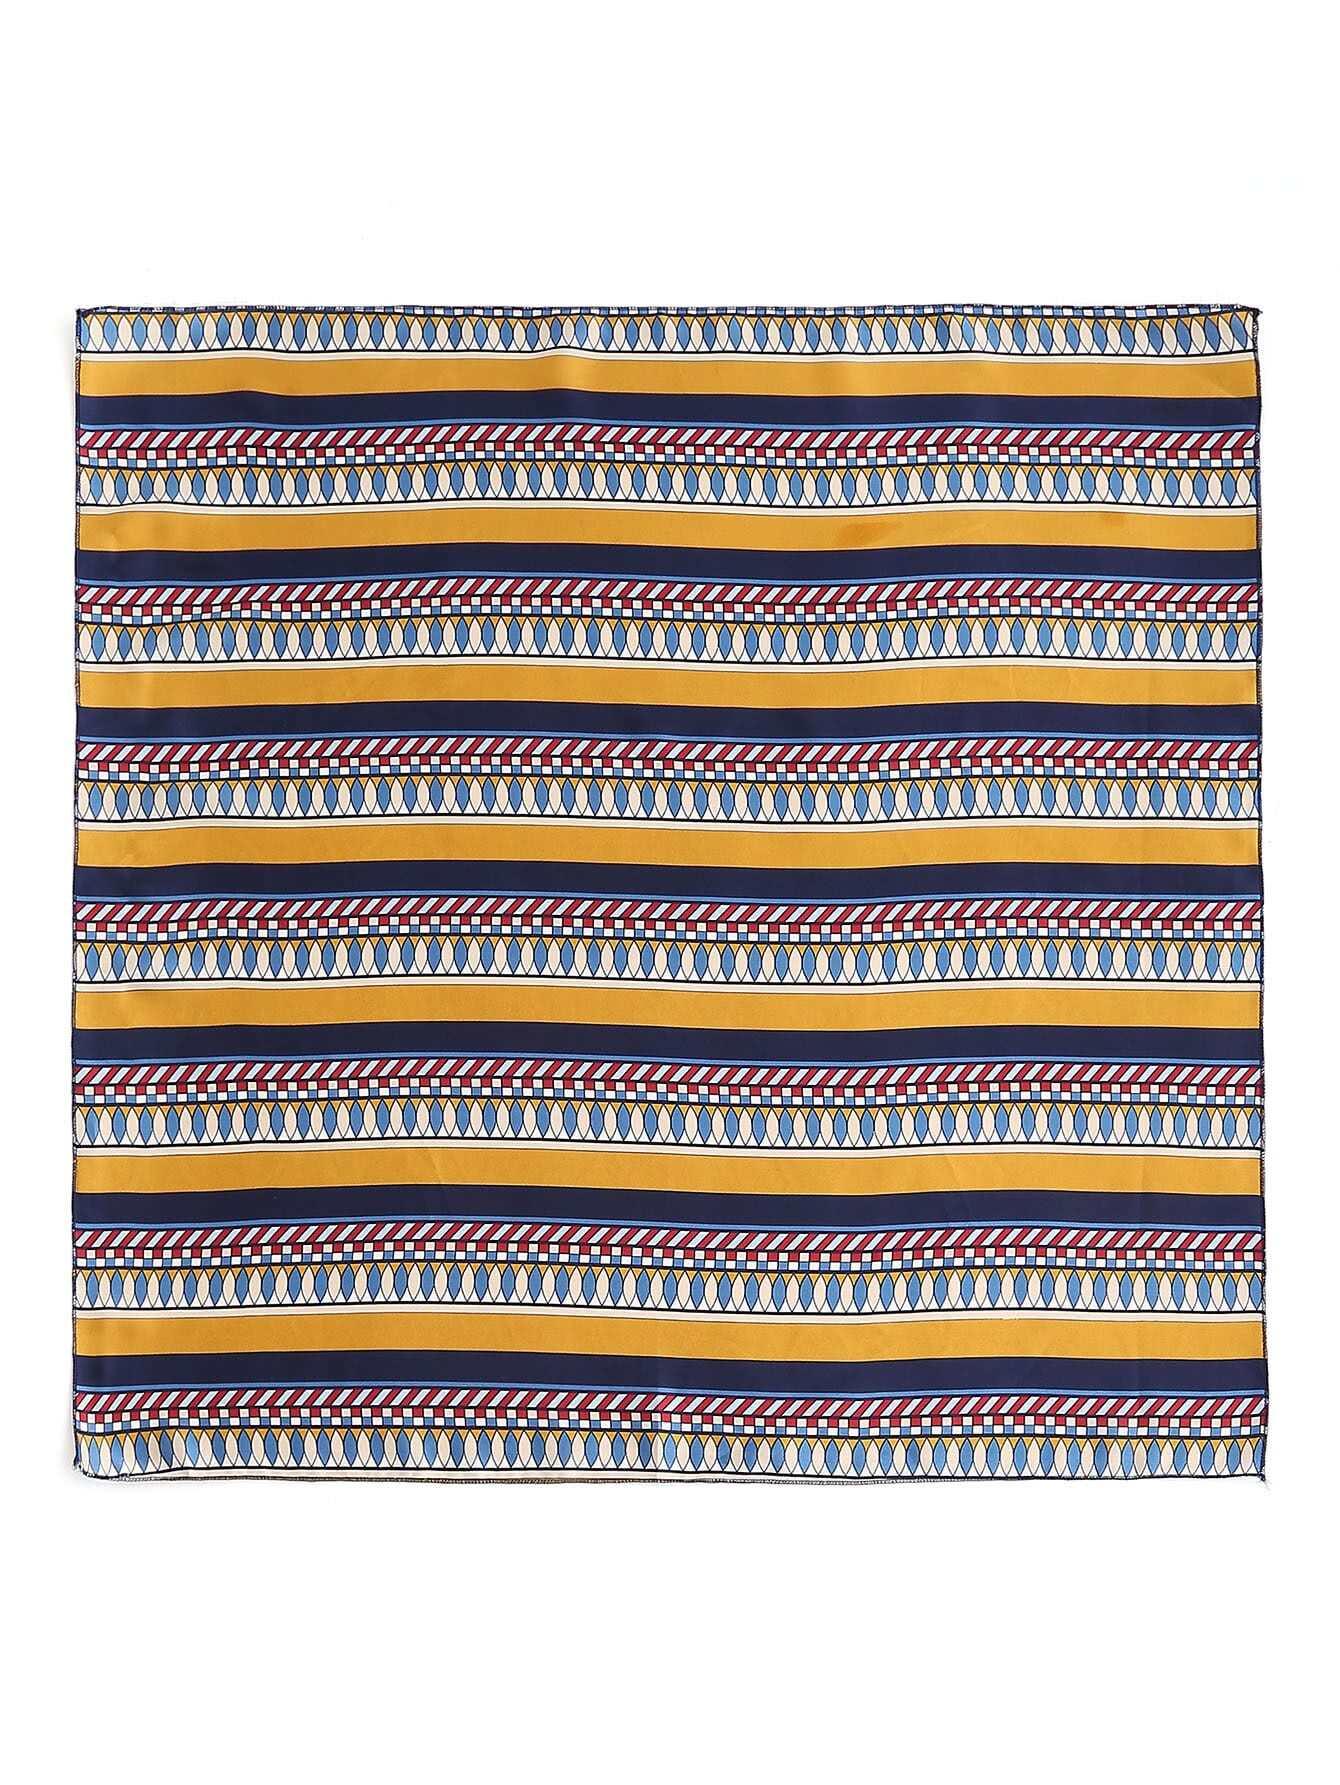 Фото Geometric Striped Print Bandana. Купить с доставкой